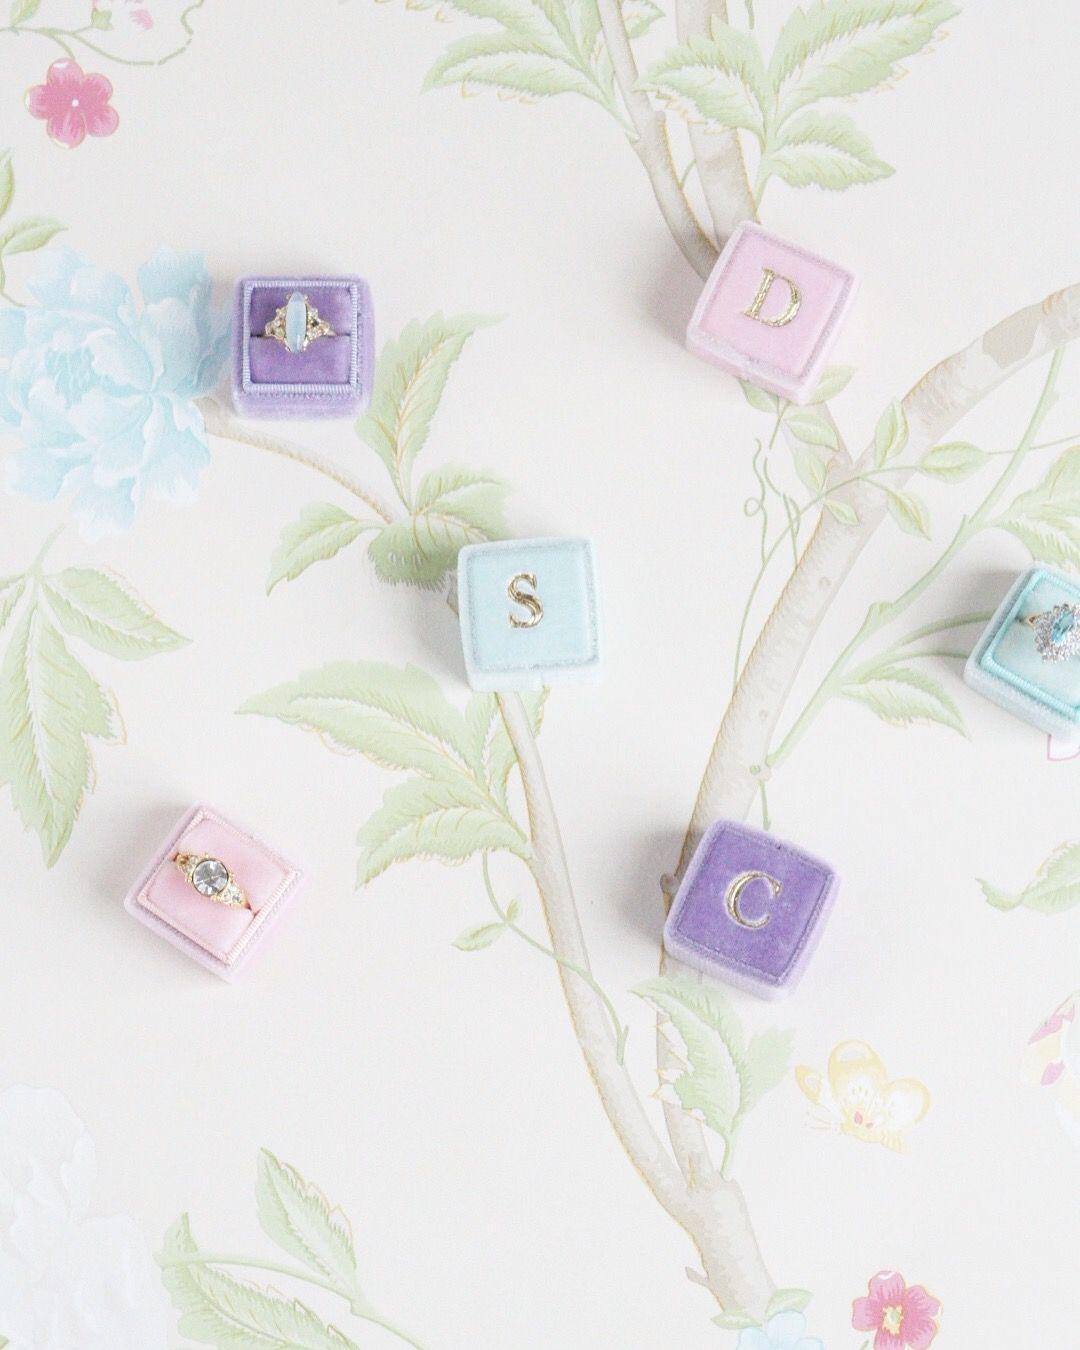 Velvet Wedding Ring Box Fresh Bridal Flower Pastel Blooms Laura Ashley Wallpaper